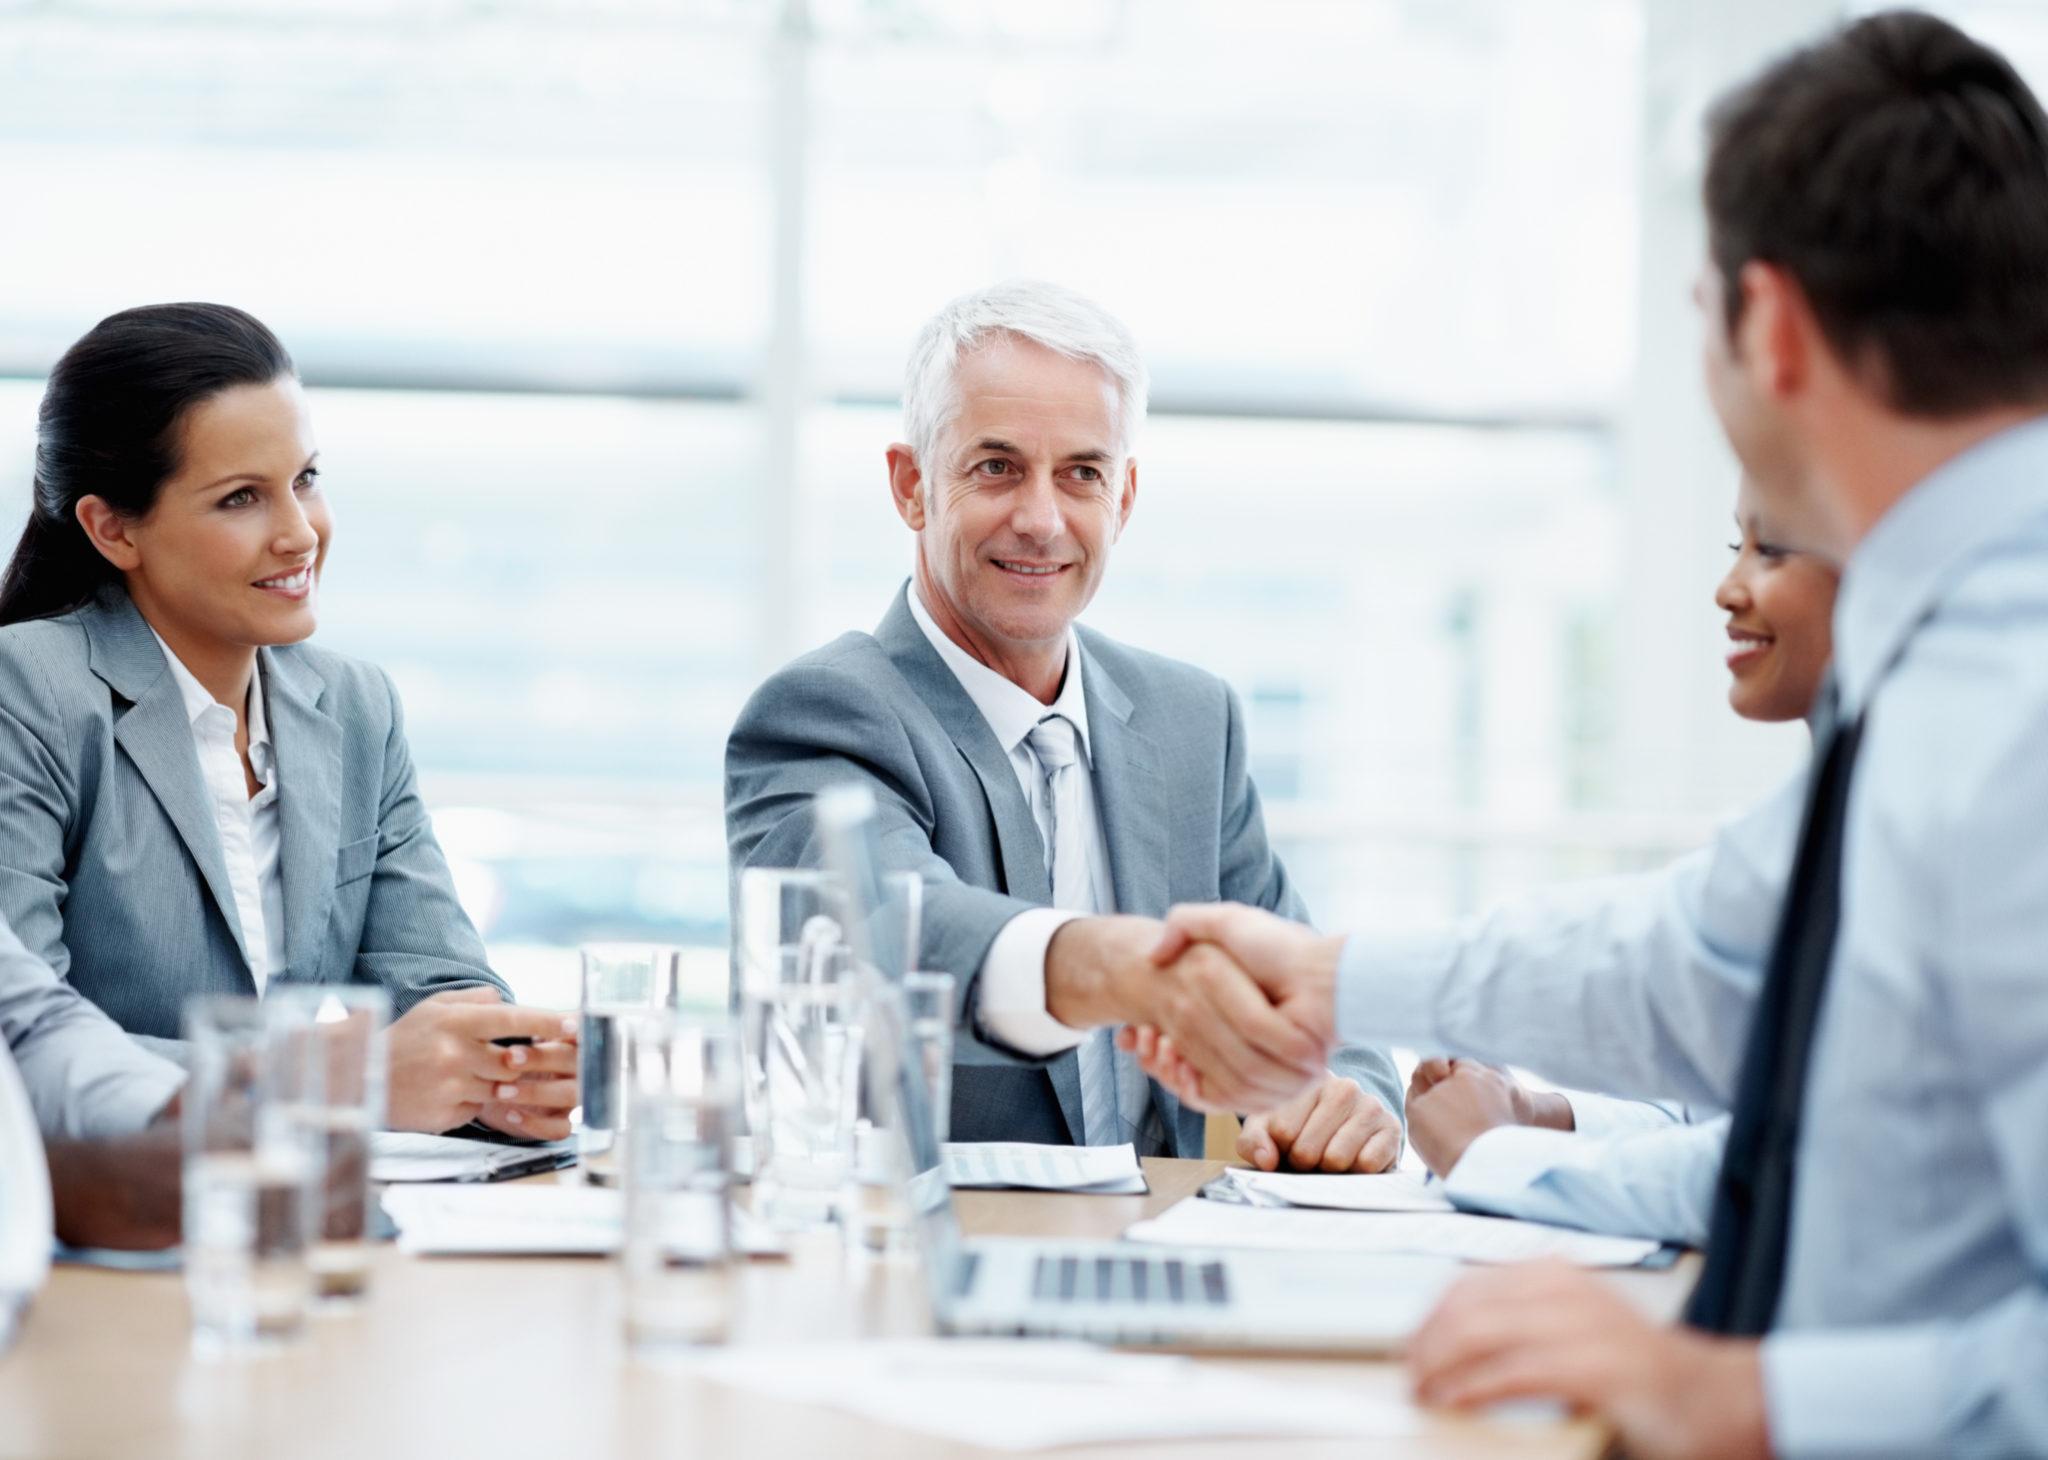 znalec, klienti, konzultácia s klientom